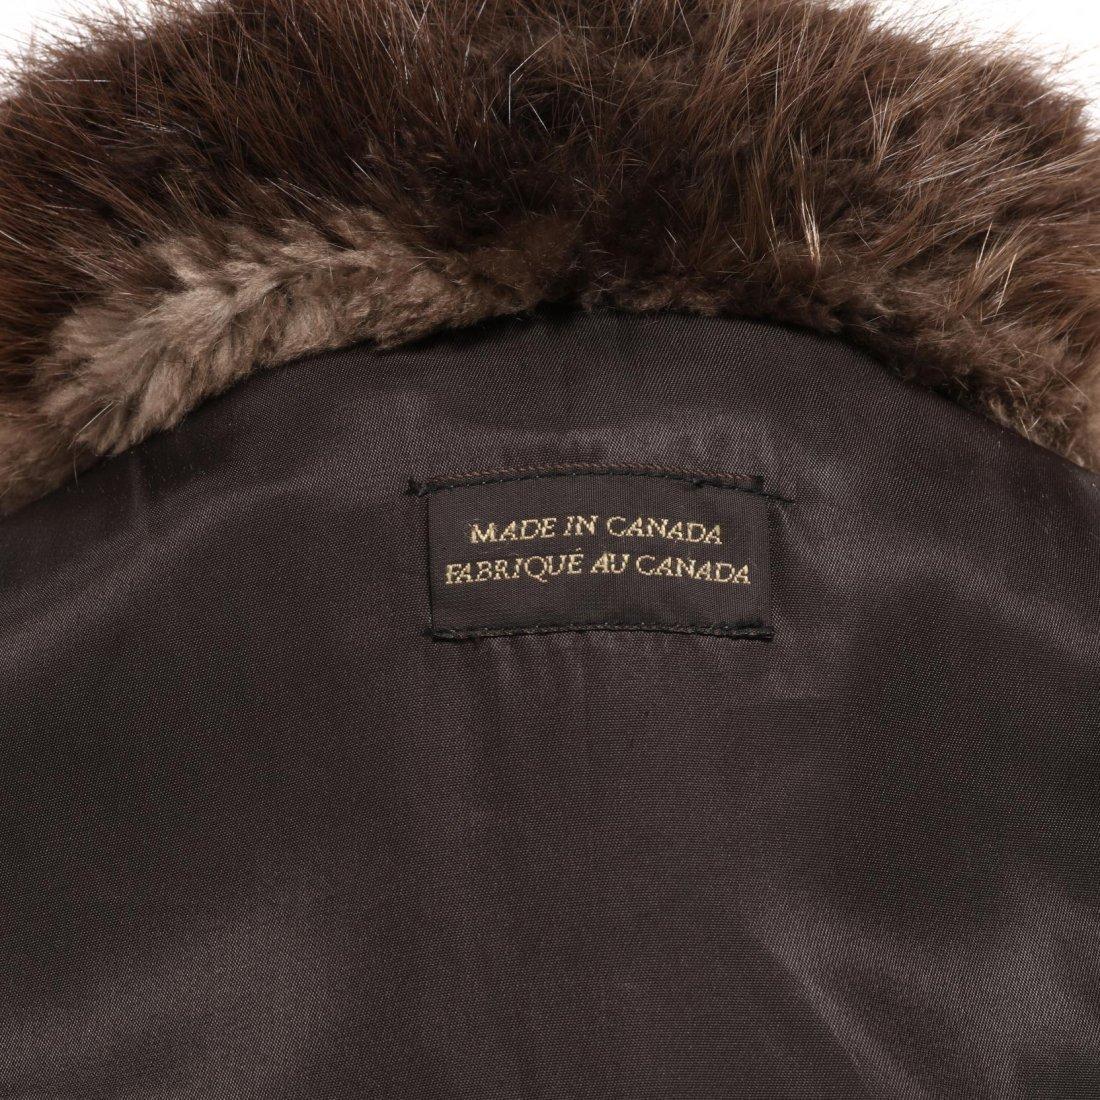 Vintage Full Length Raccoon Coat - 3